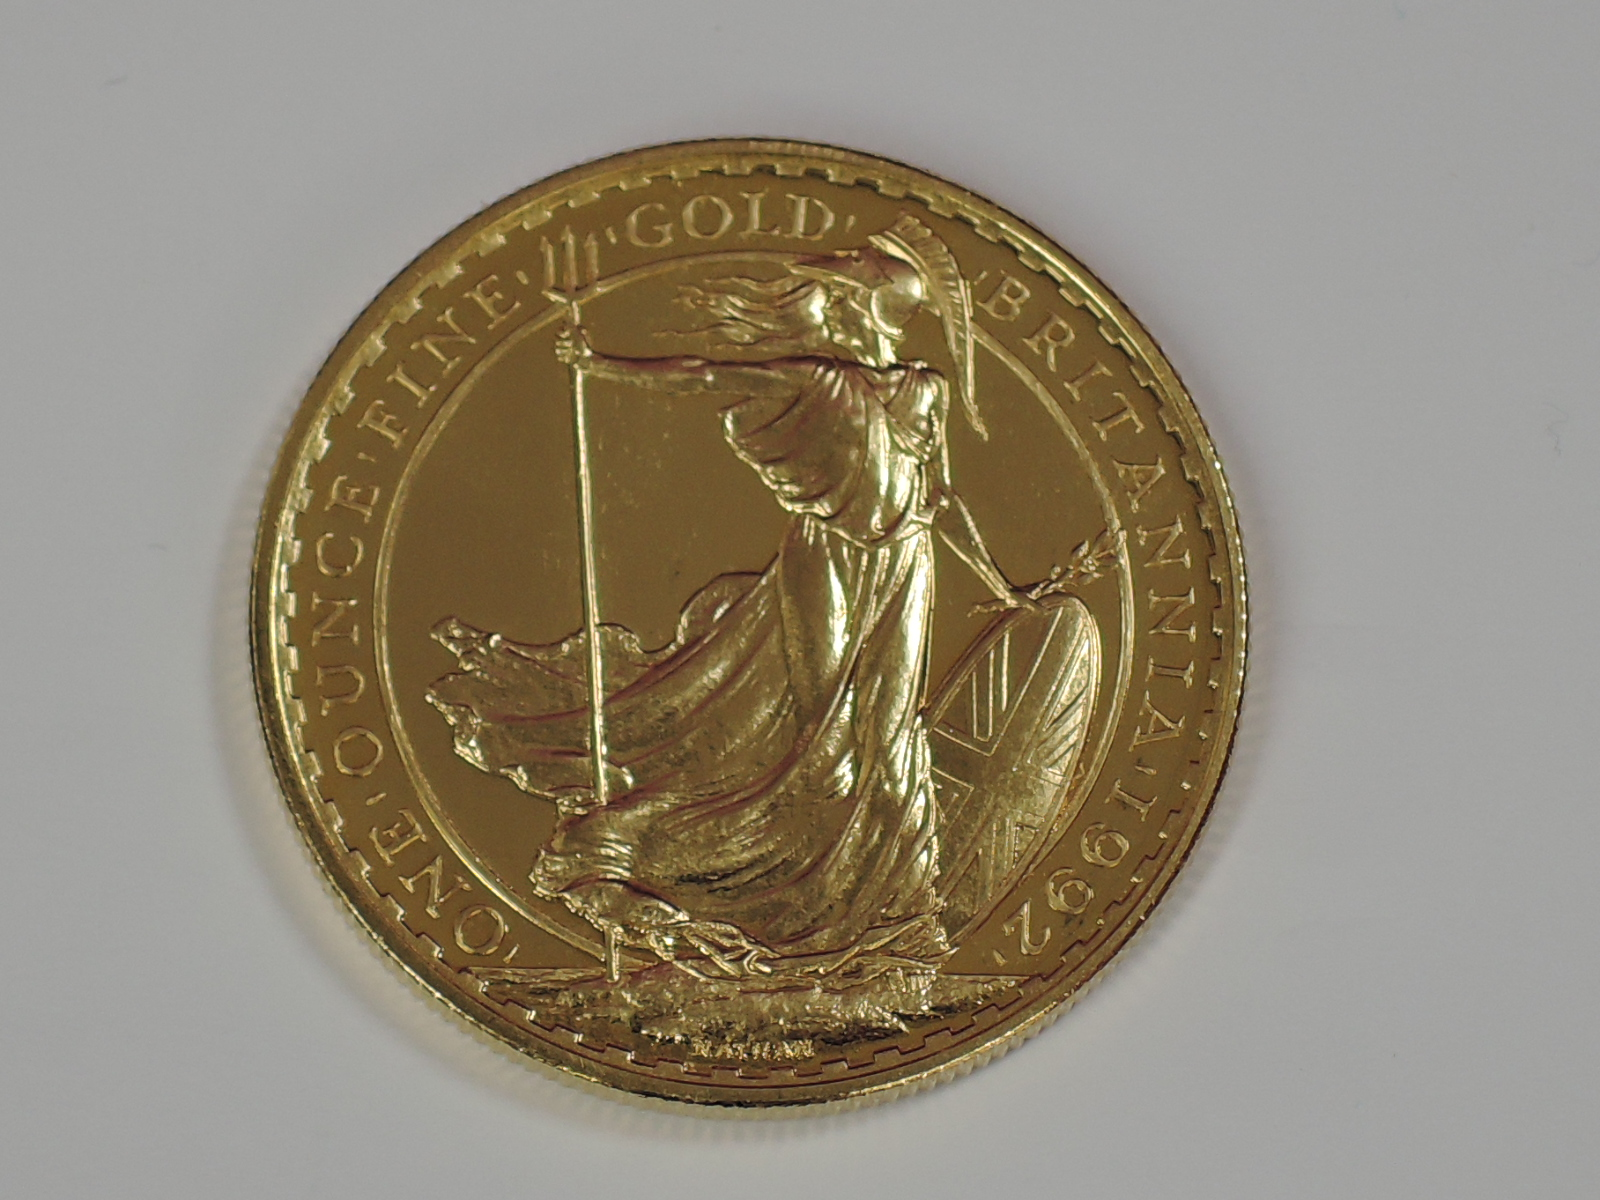 Lot 632 - A gold 1oz 1992 Great Britain Britannia 100 pound coin, in plastic case